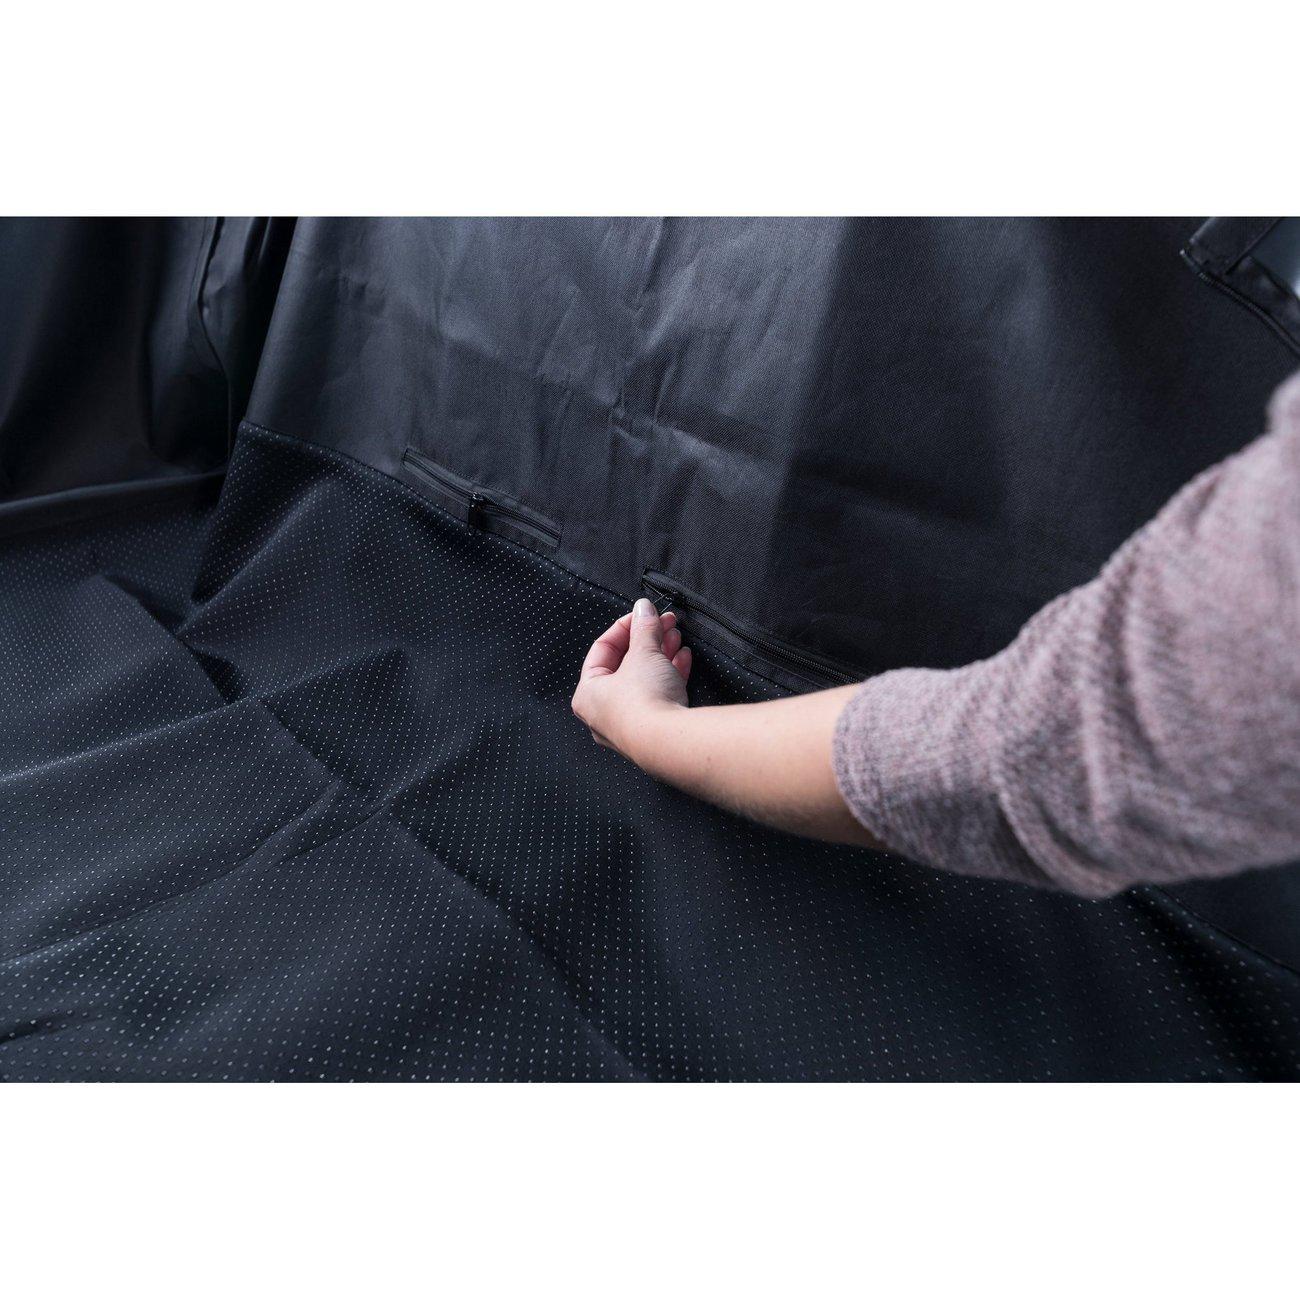 Auto Hundedecke mit Seitenteilen für Rücksitz Bild 10